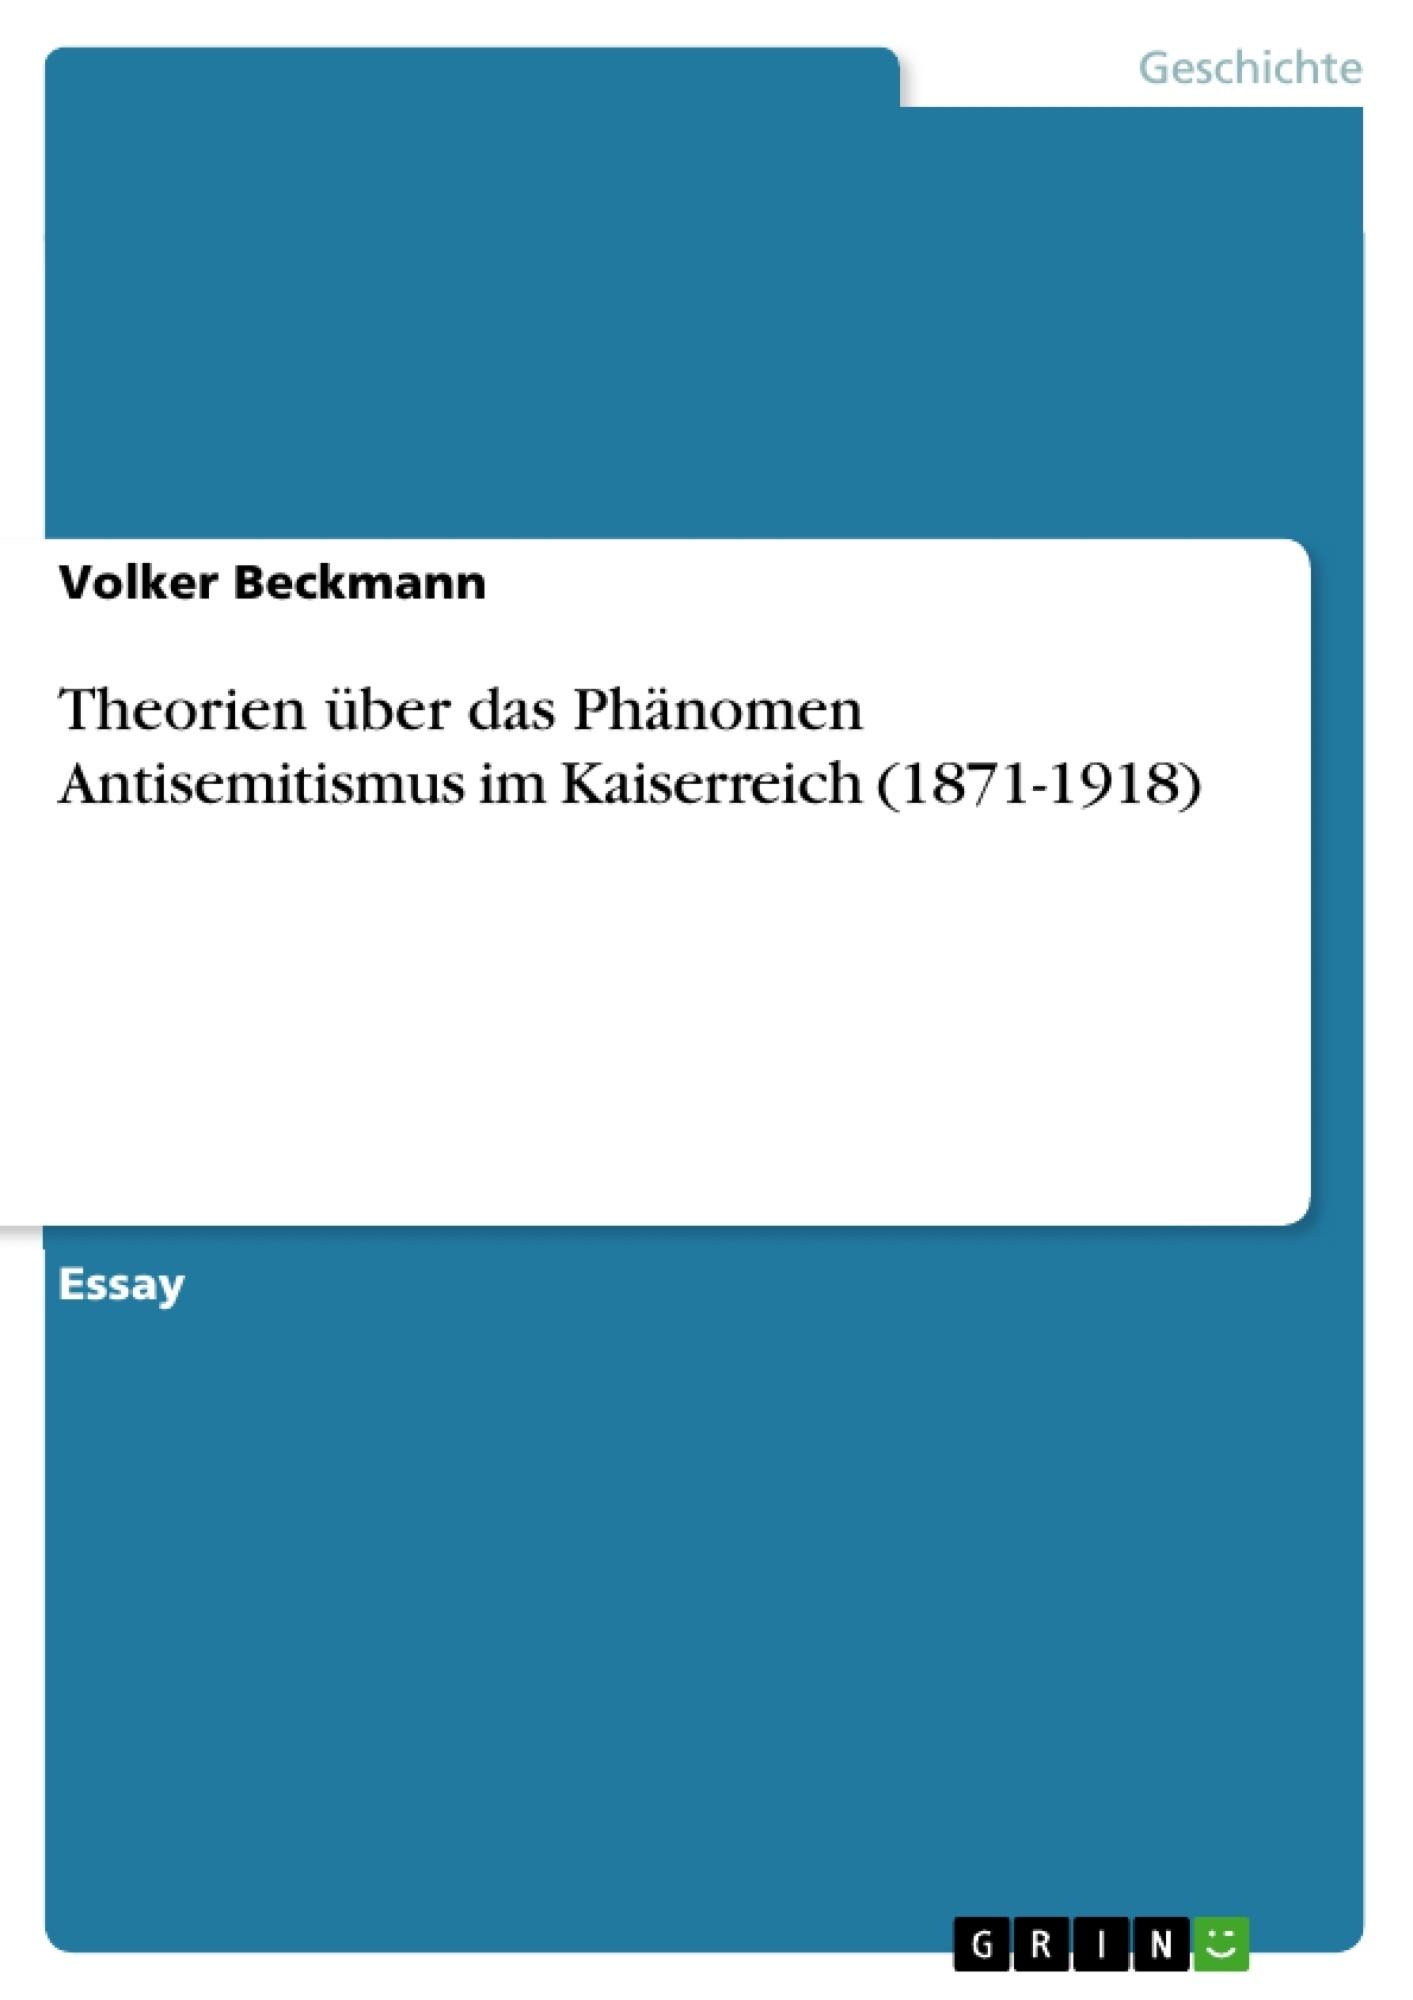 Titel: Theorien über das Phänomen Antisemitismus im Kaiserreich (1871-1918)